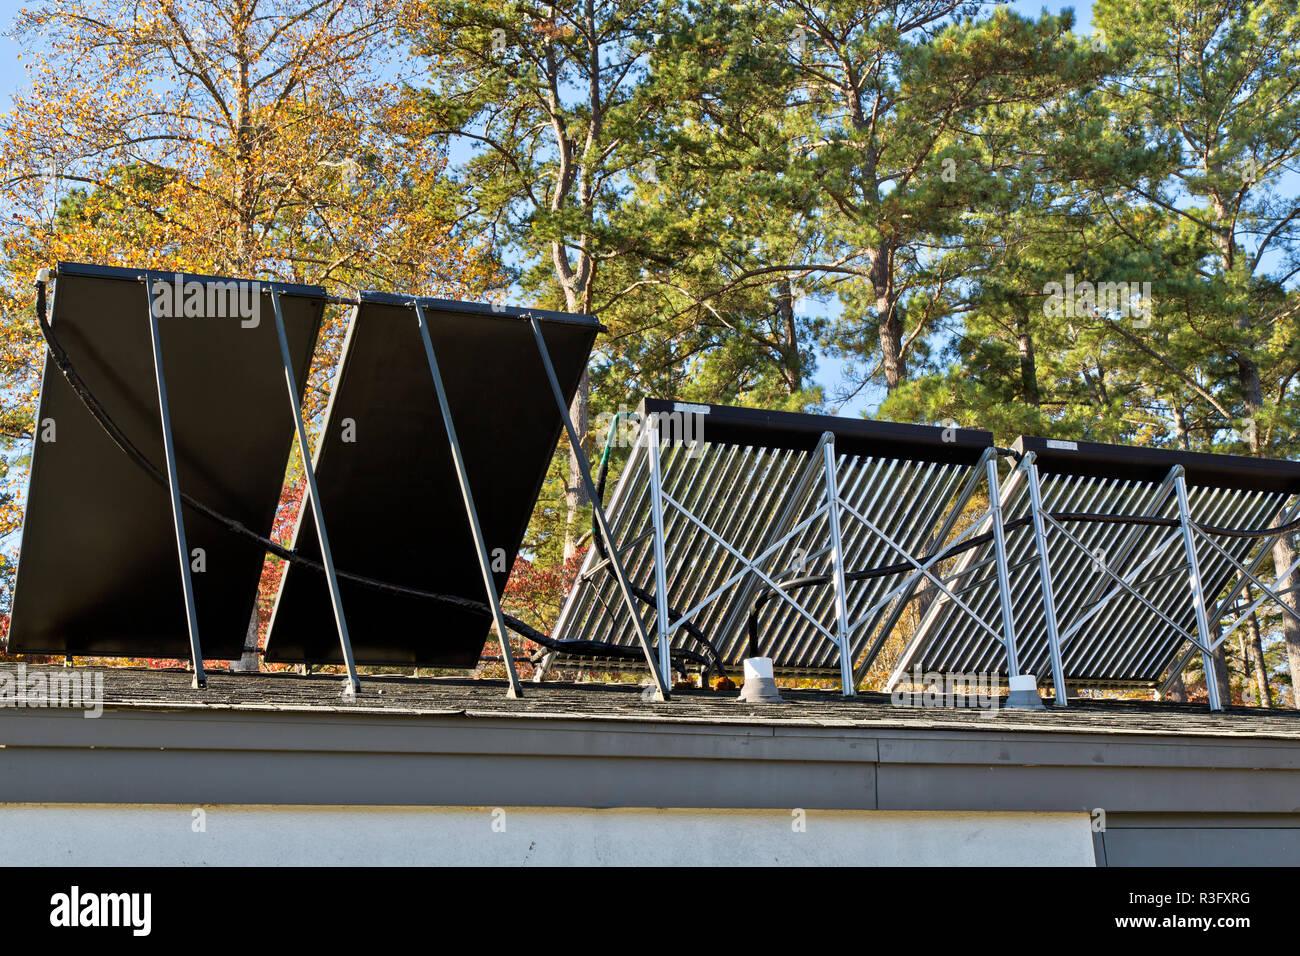 Vista posteriore, impianti solari ad acqua calda Riscaldatori bagno sul tetto, facilitando Melton Hill Dam Recreation Area campeggio. Immagini Stock